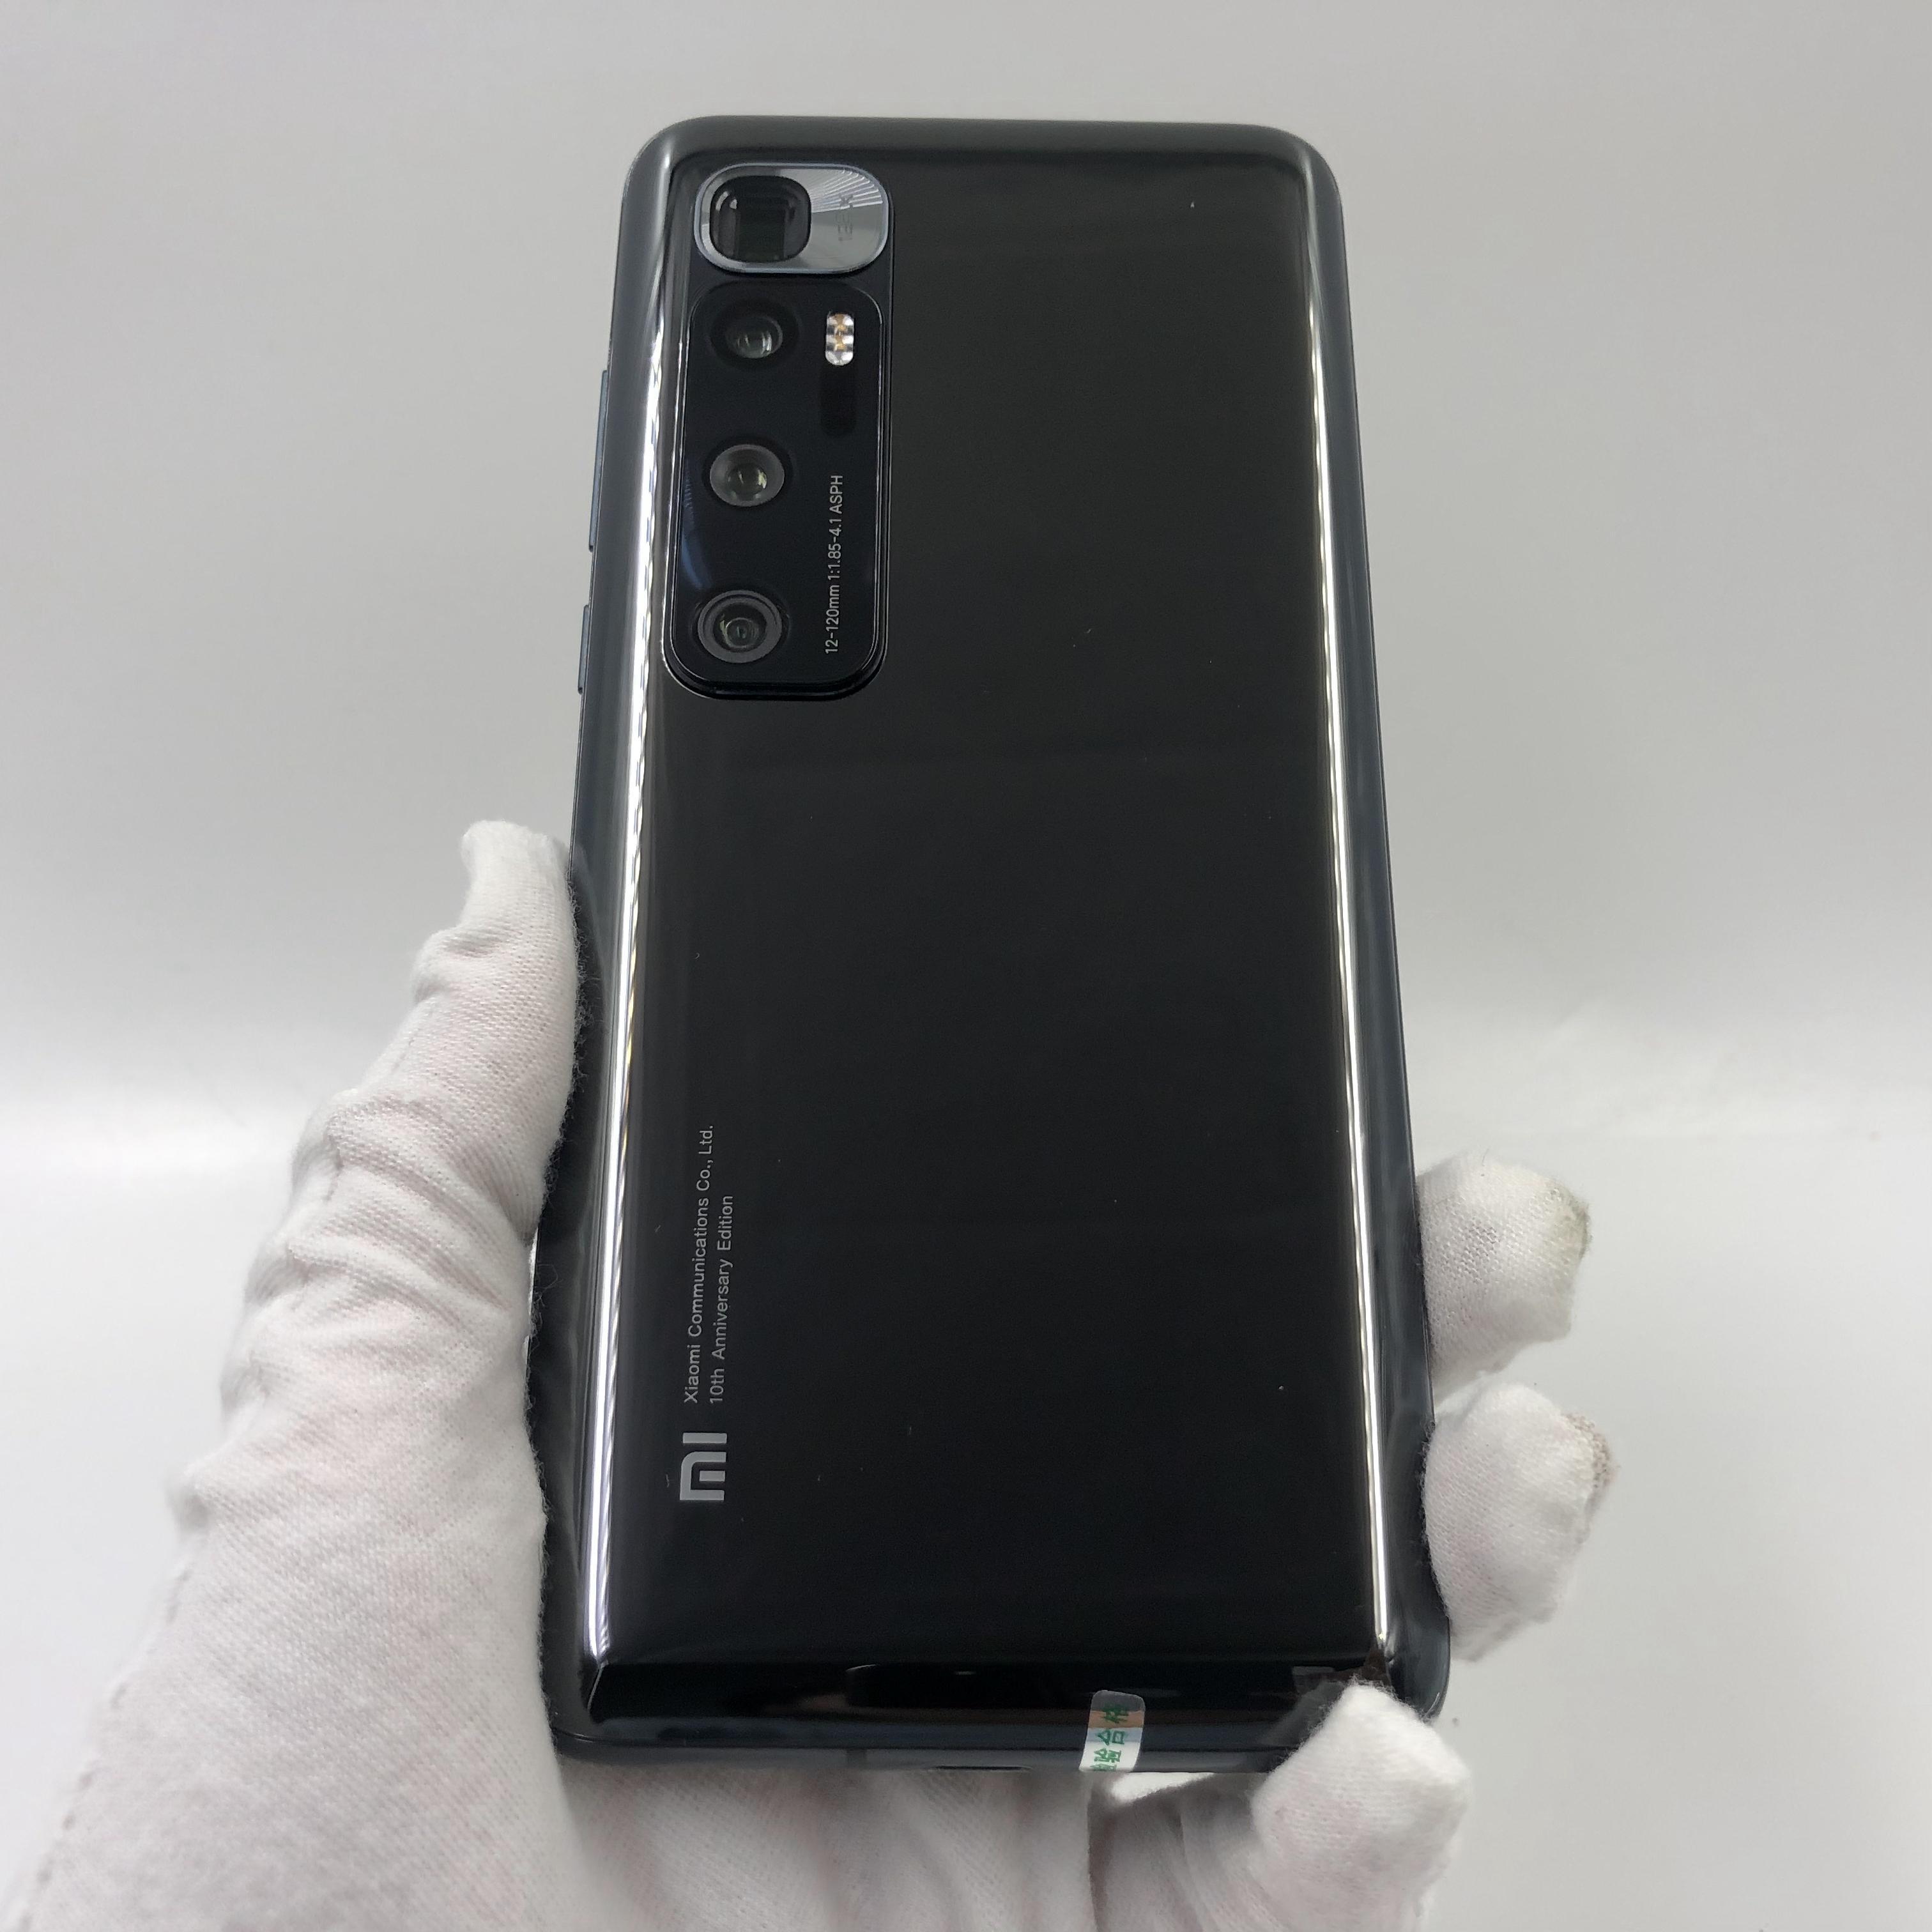 小米【小米10 至尊 5G】5G全网通 陶瓷黑 8G/128G 国行 9成新 真机实拍